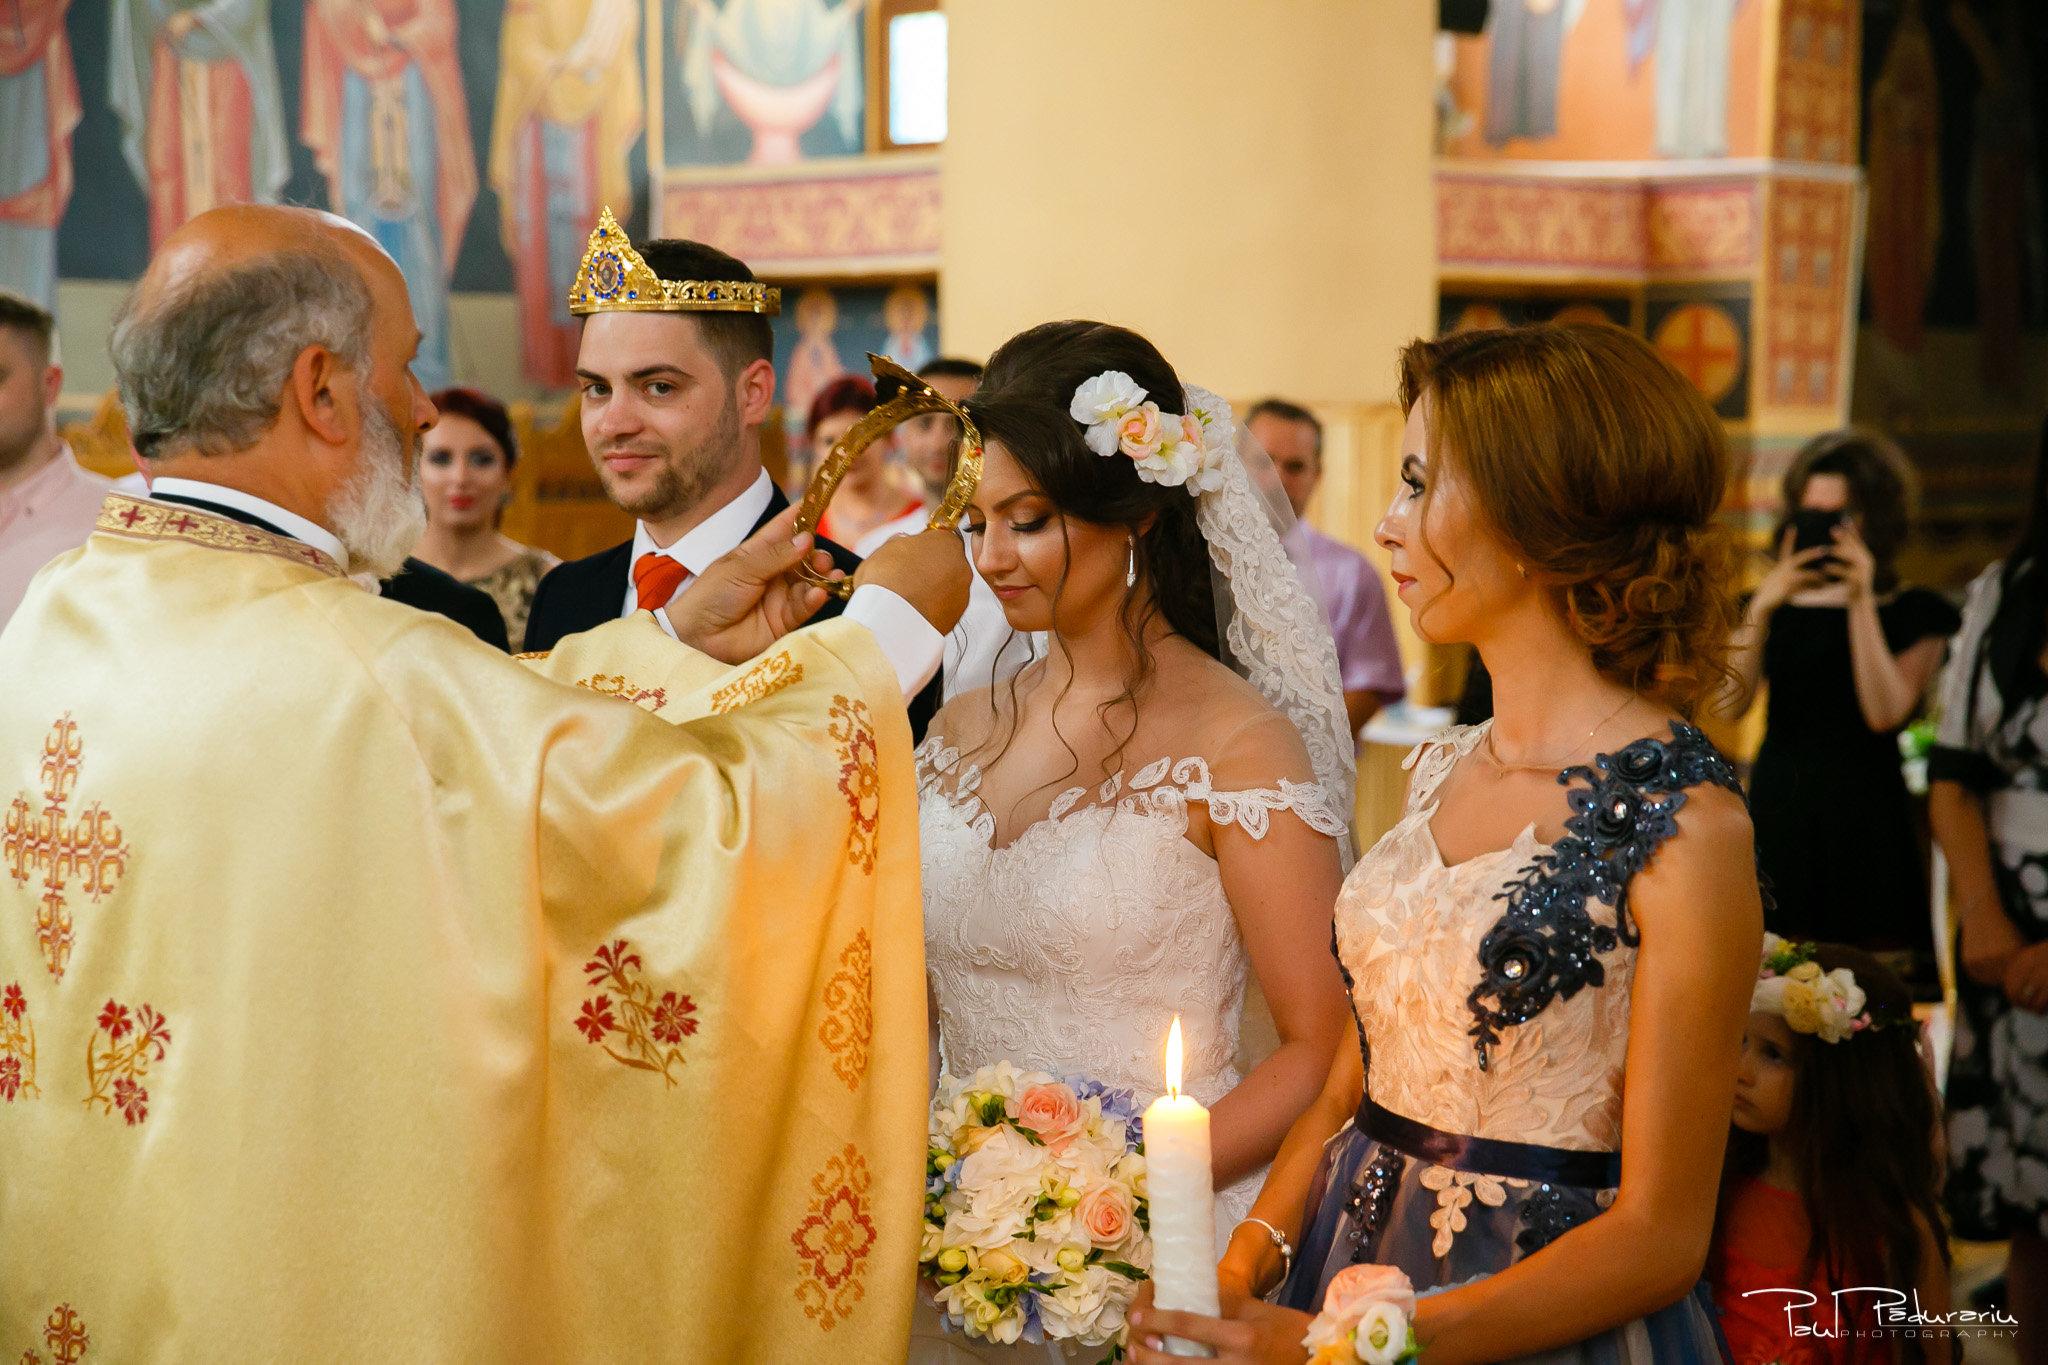 Adriana si Iulian la cununia religioasa - fotograf nunta Iasi www.paulpadurariu.ro © 2017 Paul Padurariu